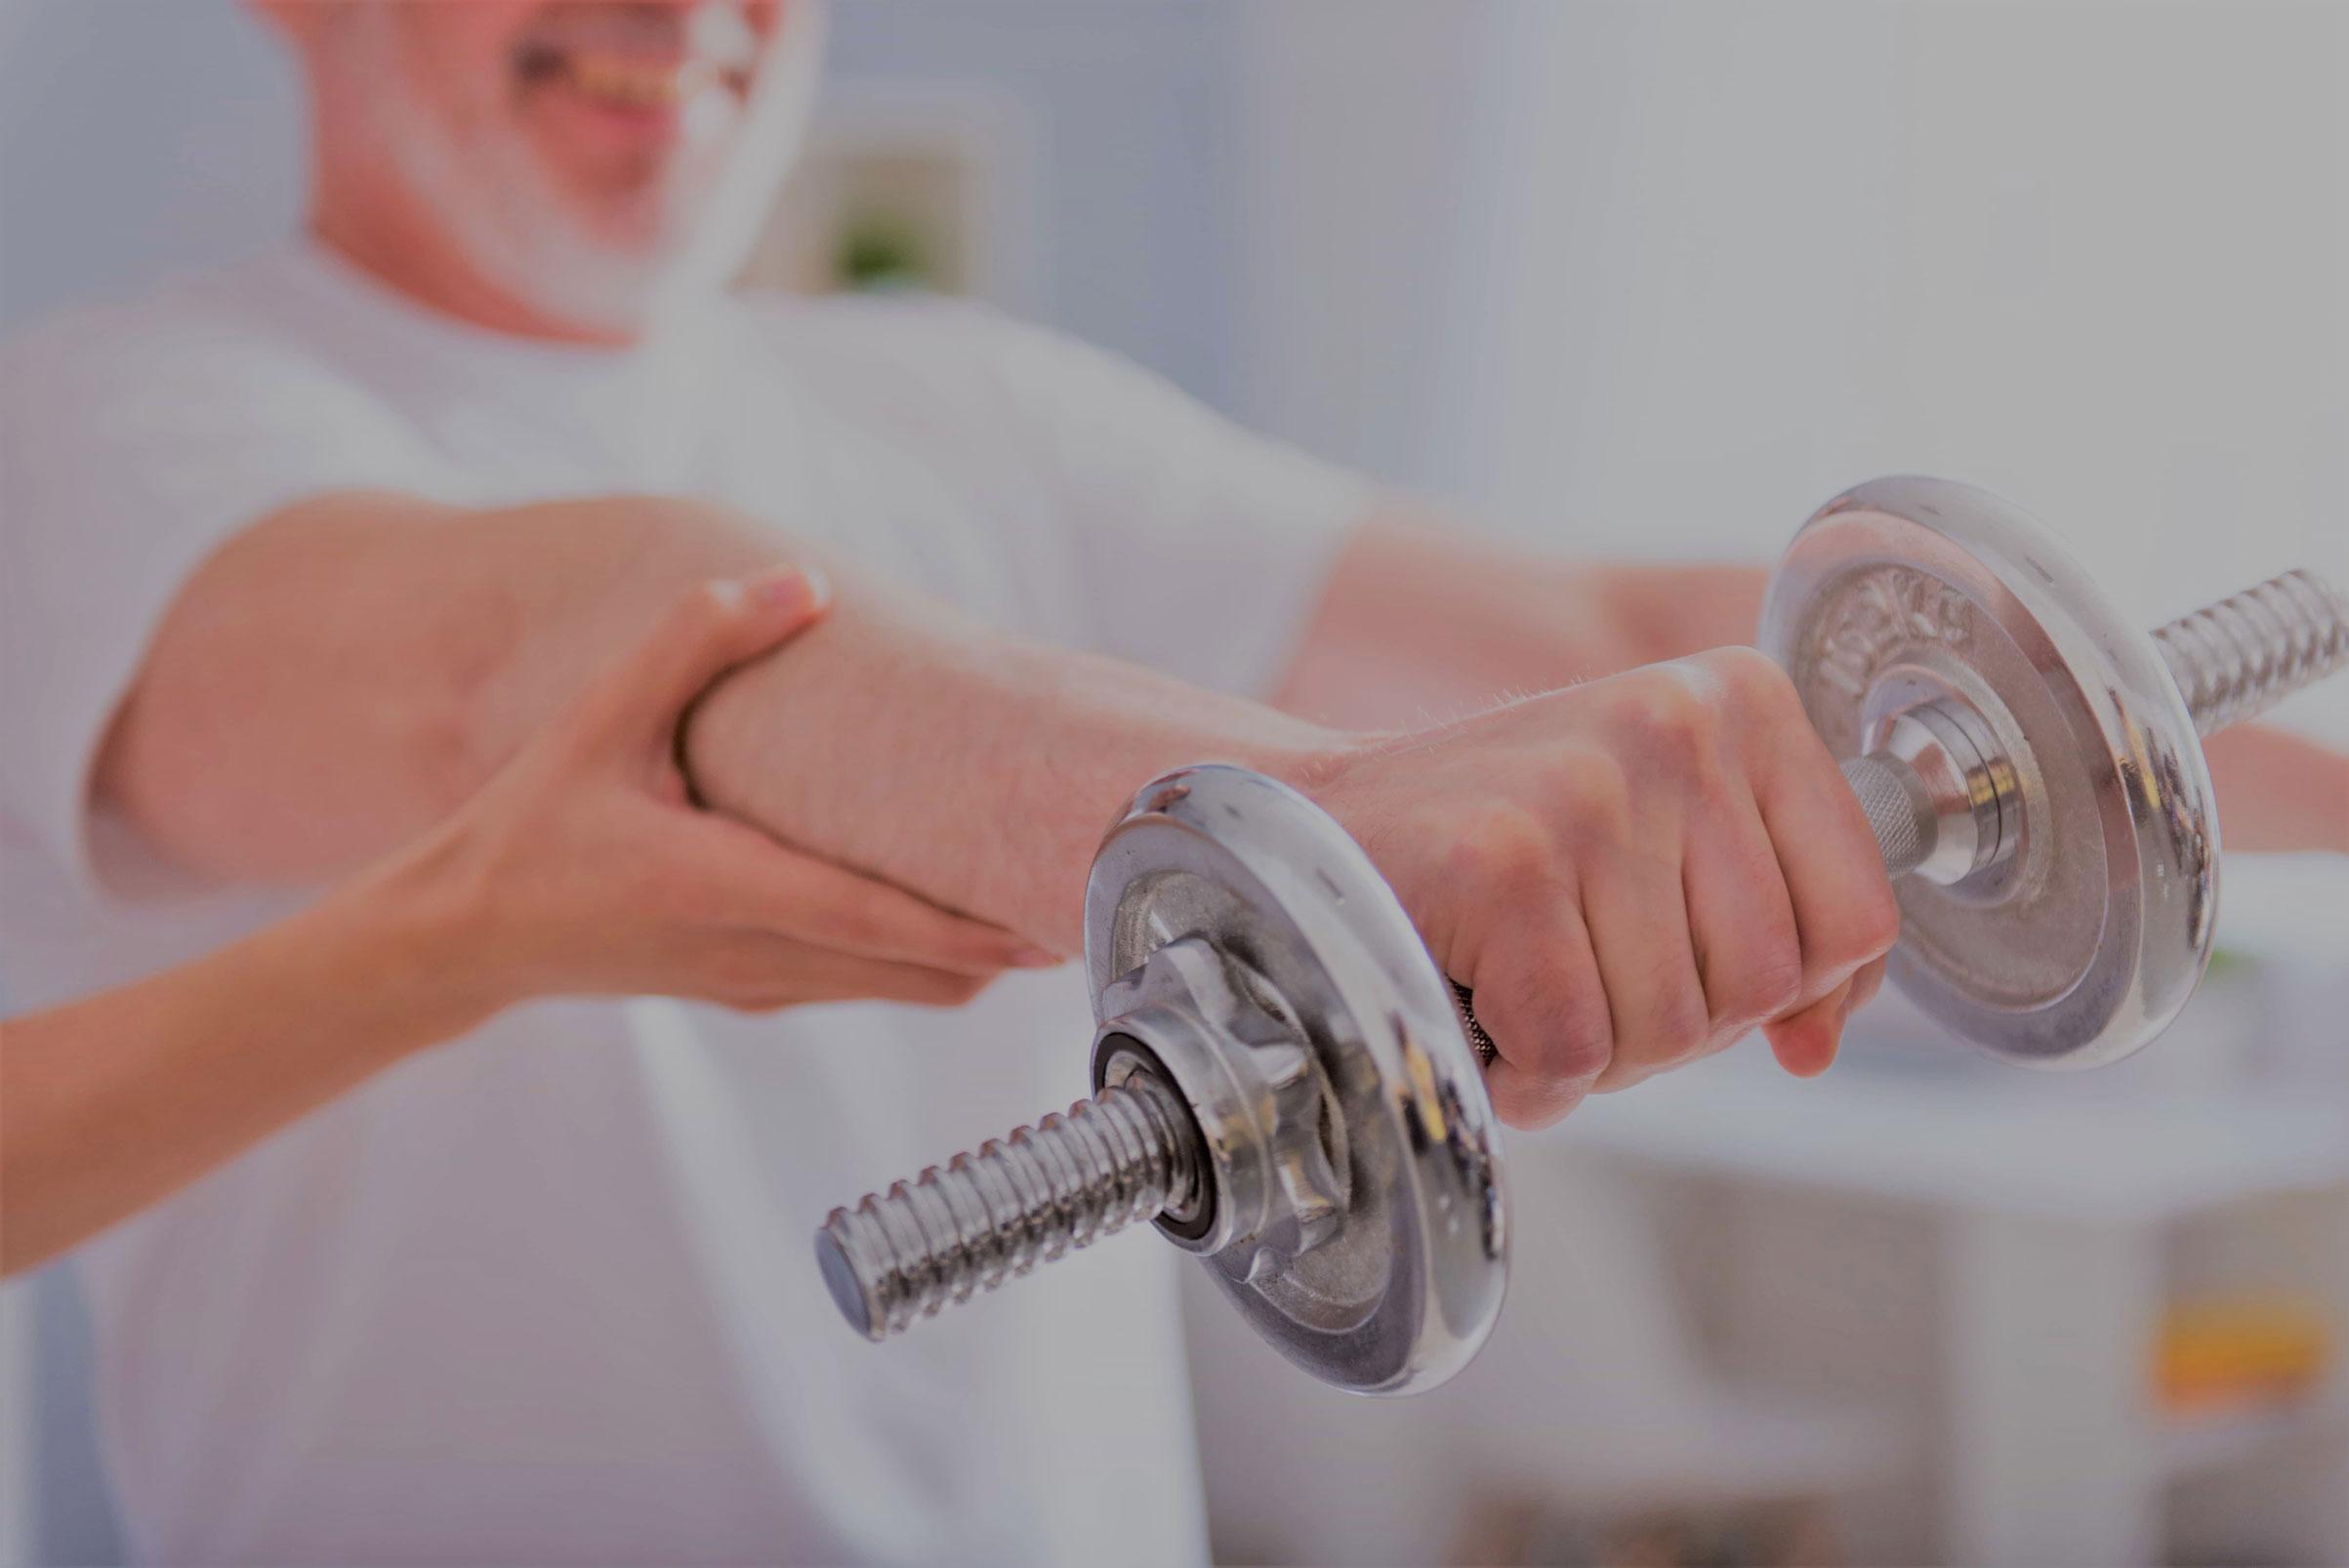 Fizjoterapia to ćwiczenia